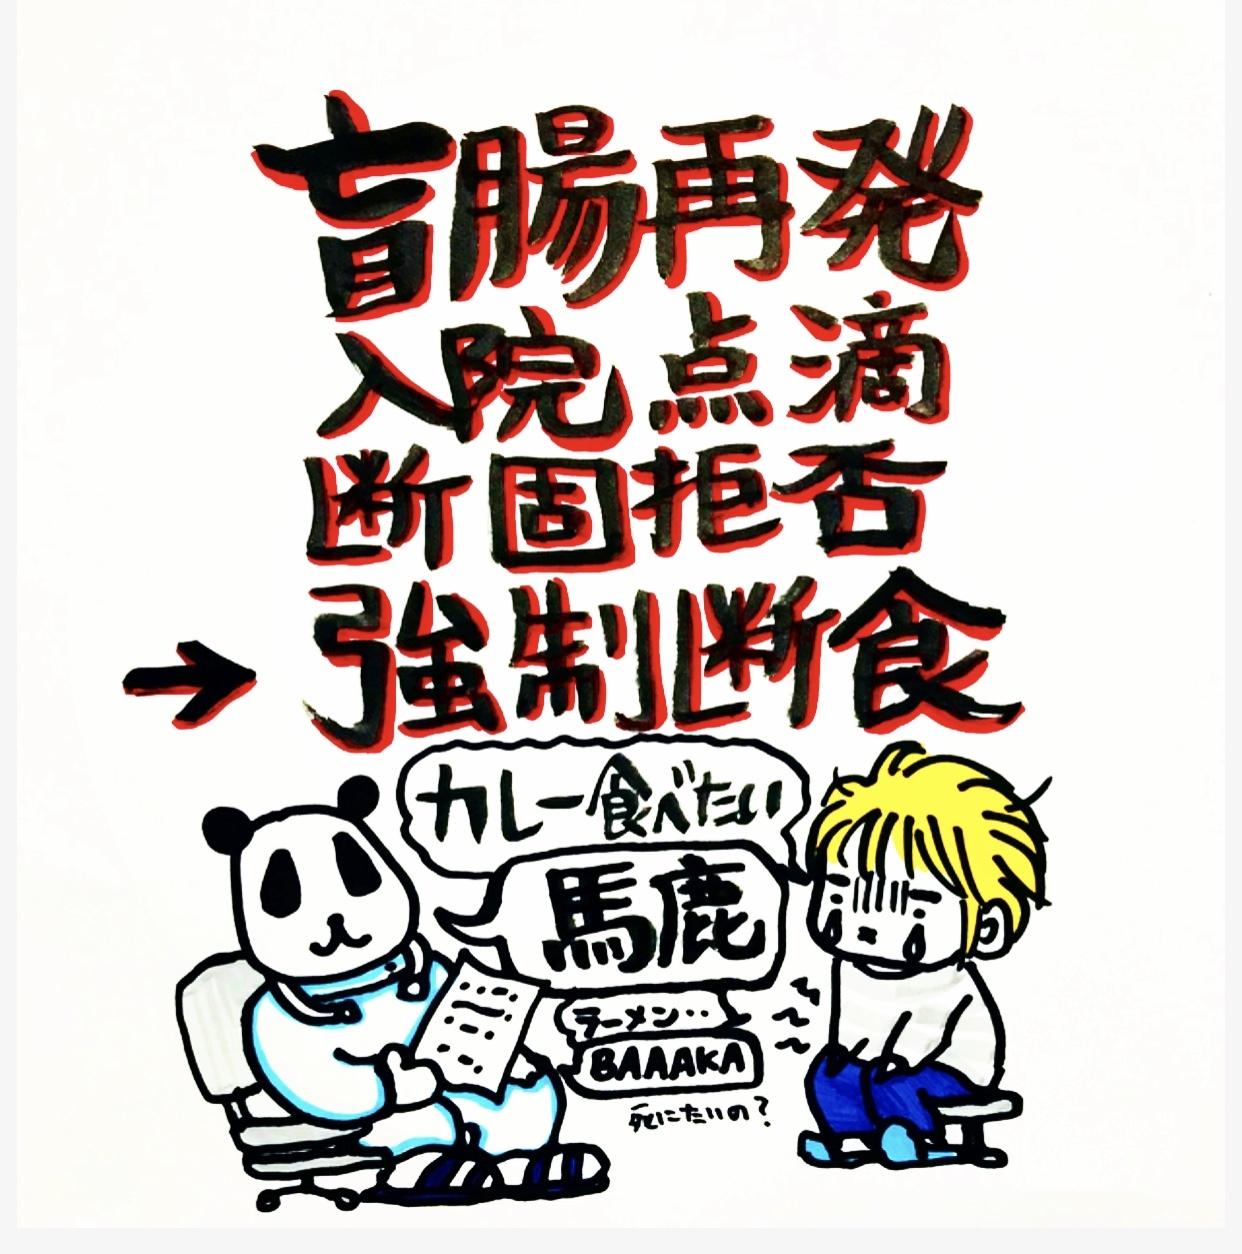 【キナさんぽ】 春のイントロ_f0115311_22352437.jpeg